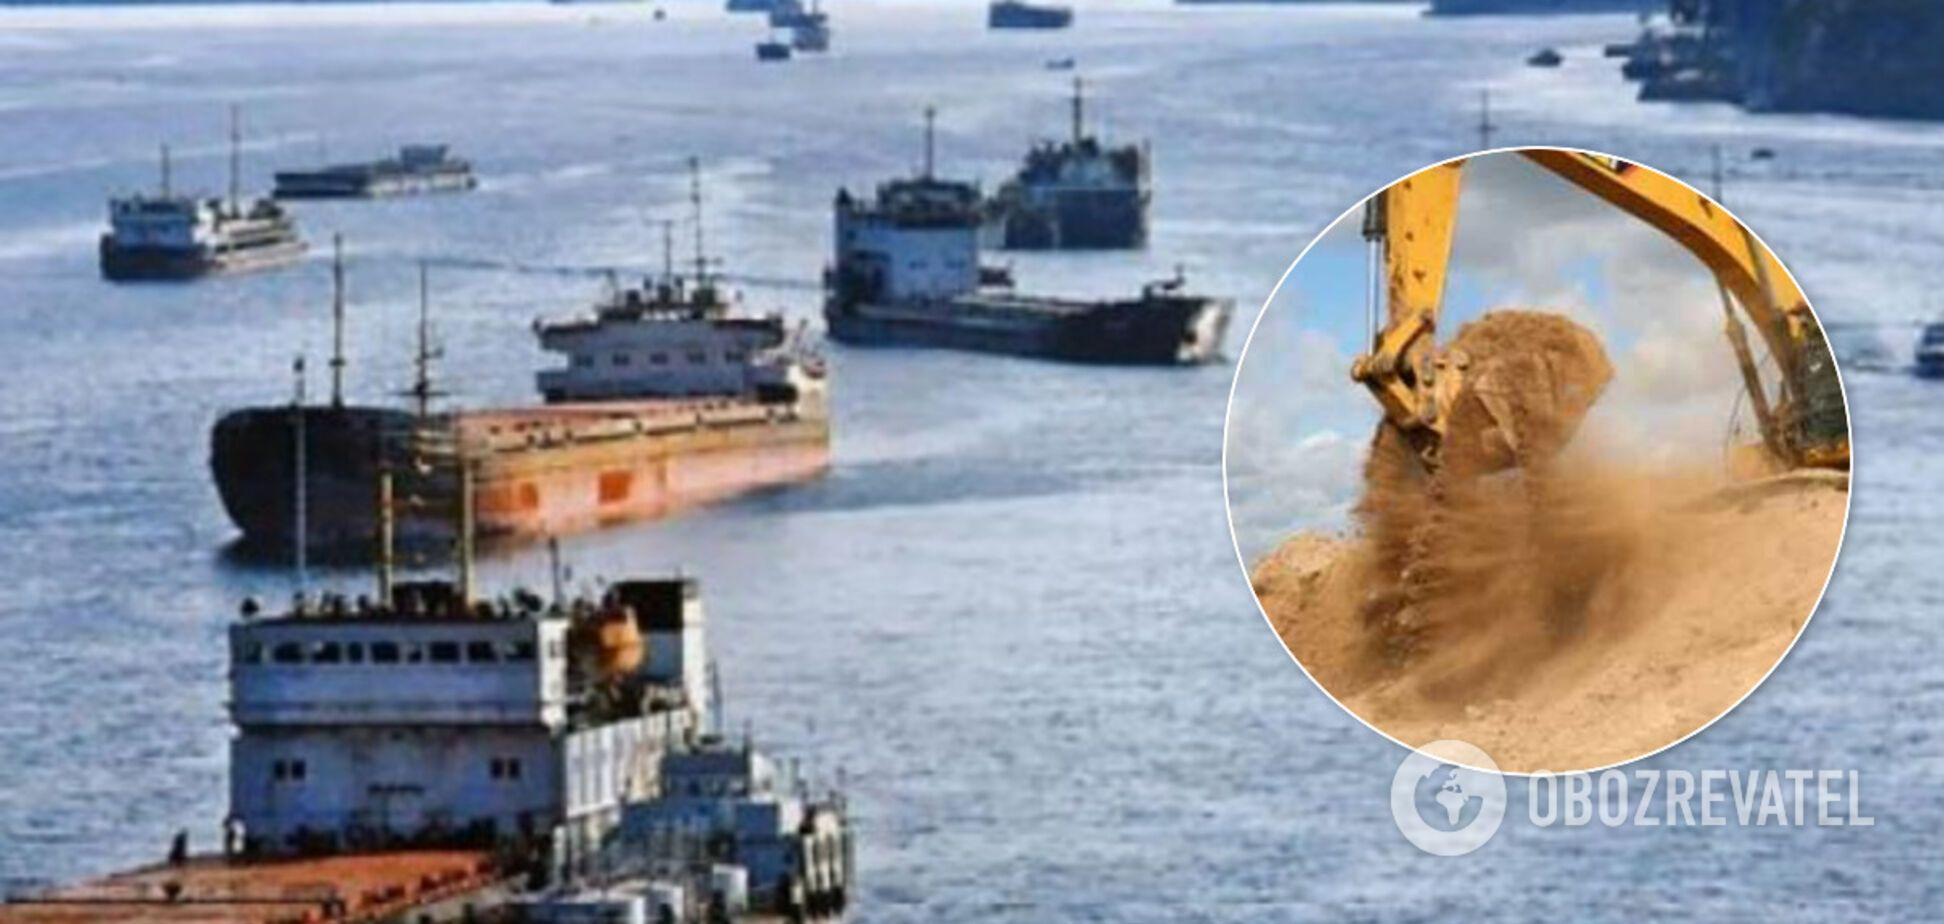 Раду закликали переглянути закон 'Про внутрішній водний транспорт'